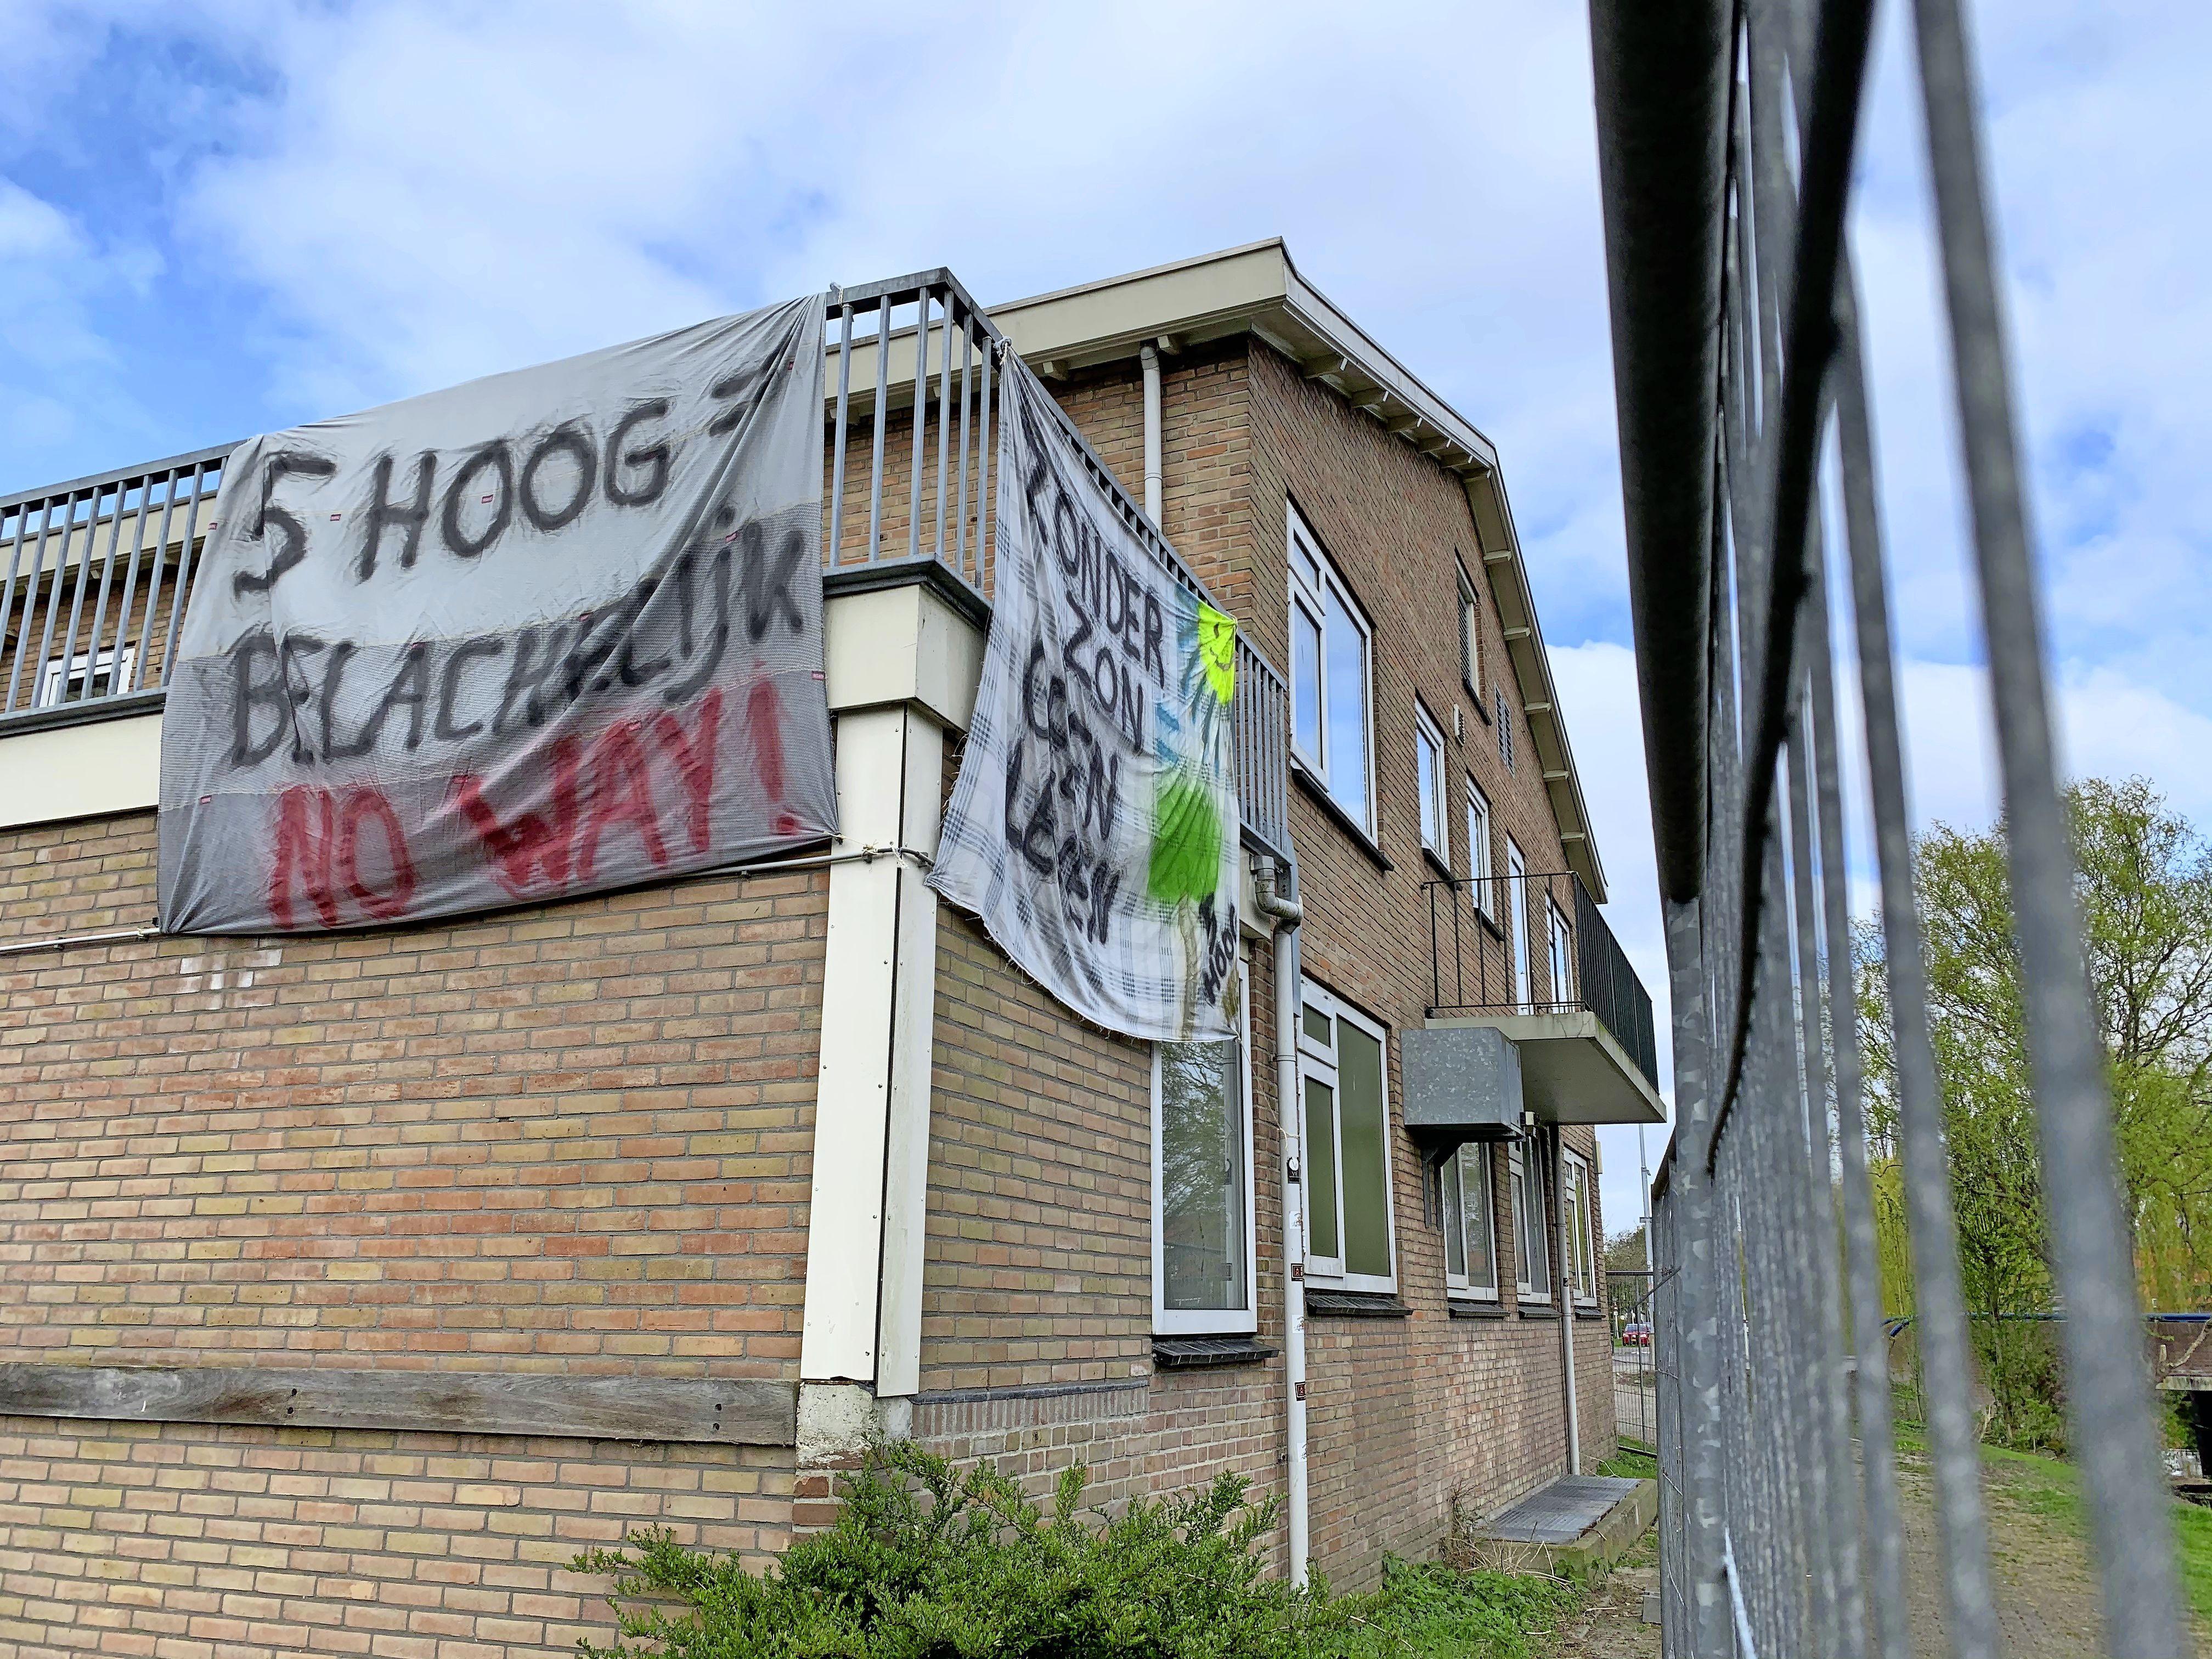 Spandoeken op de oude Durghorst vertolken de stem van verontruste bewoners: 'Vijfhoog is belachelijk. No way!'